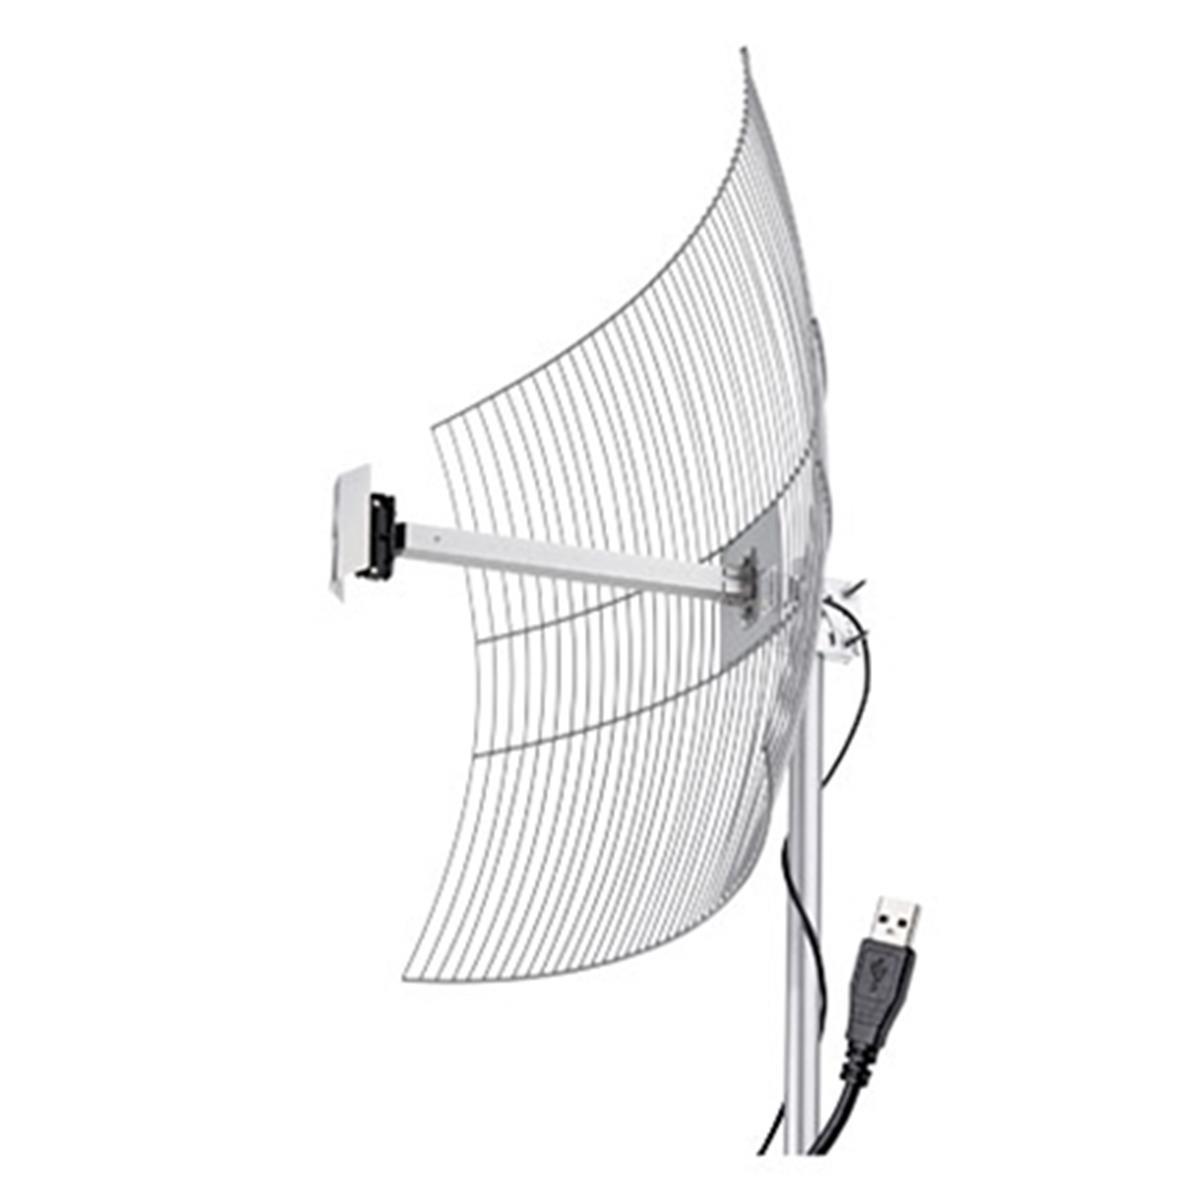 Antena Internet Parábola Grade Usb - 2510 25Dbi Cabo De 10 Metros E Conector Usb Aquário